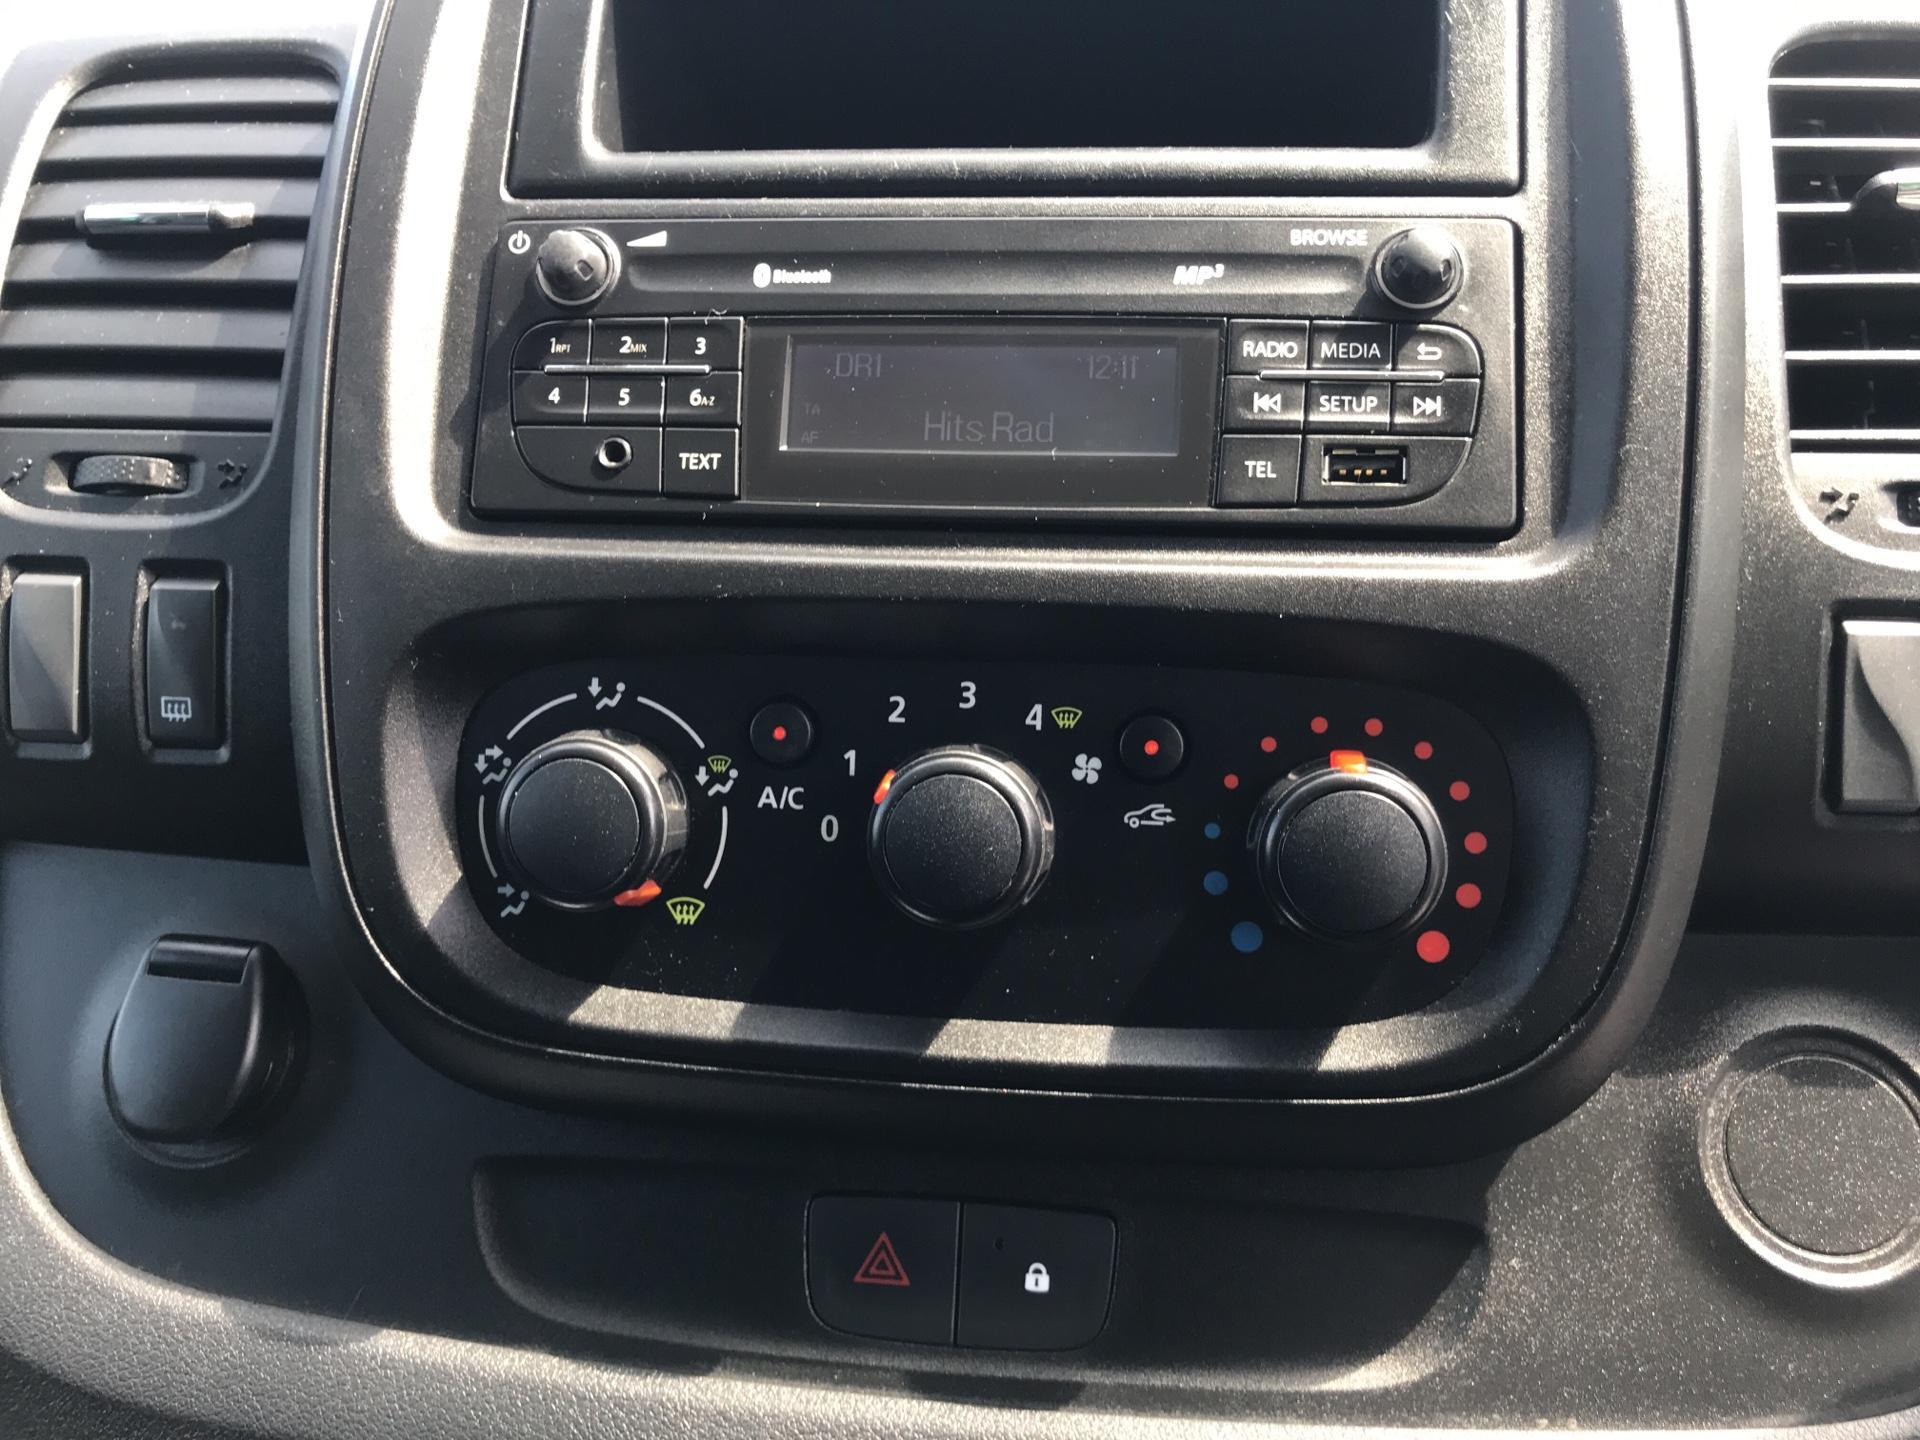 2017 Vauxhall Vivaro L2 H1 2900 1.6 95PS EURO 6 (BK17ONM) Image 10